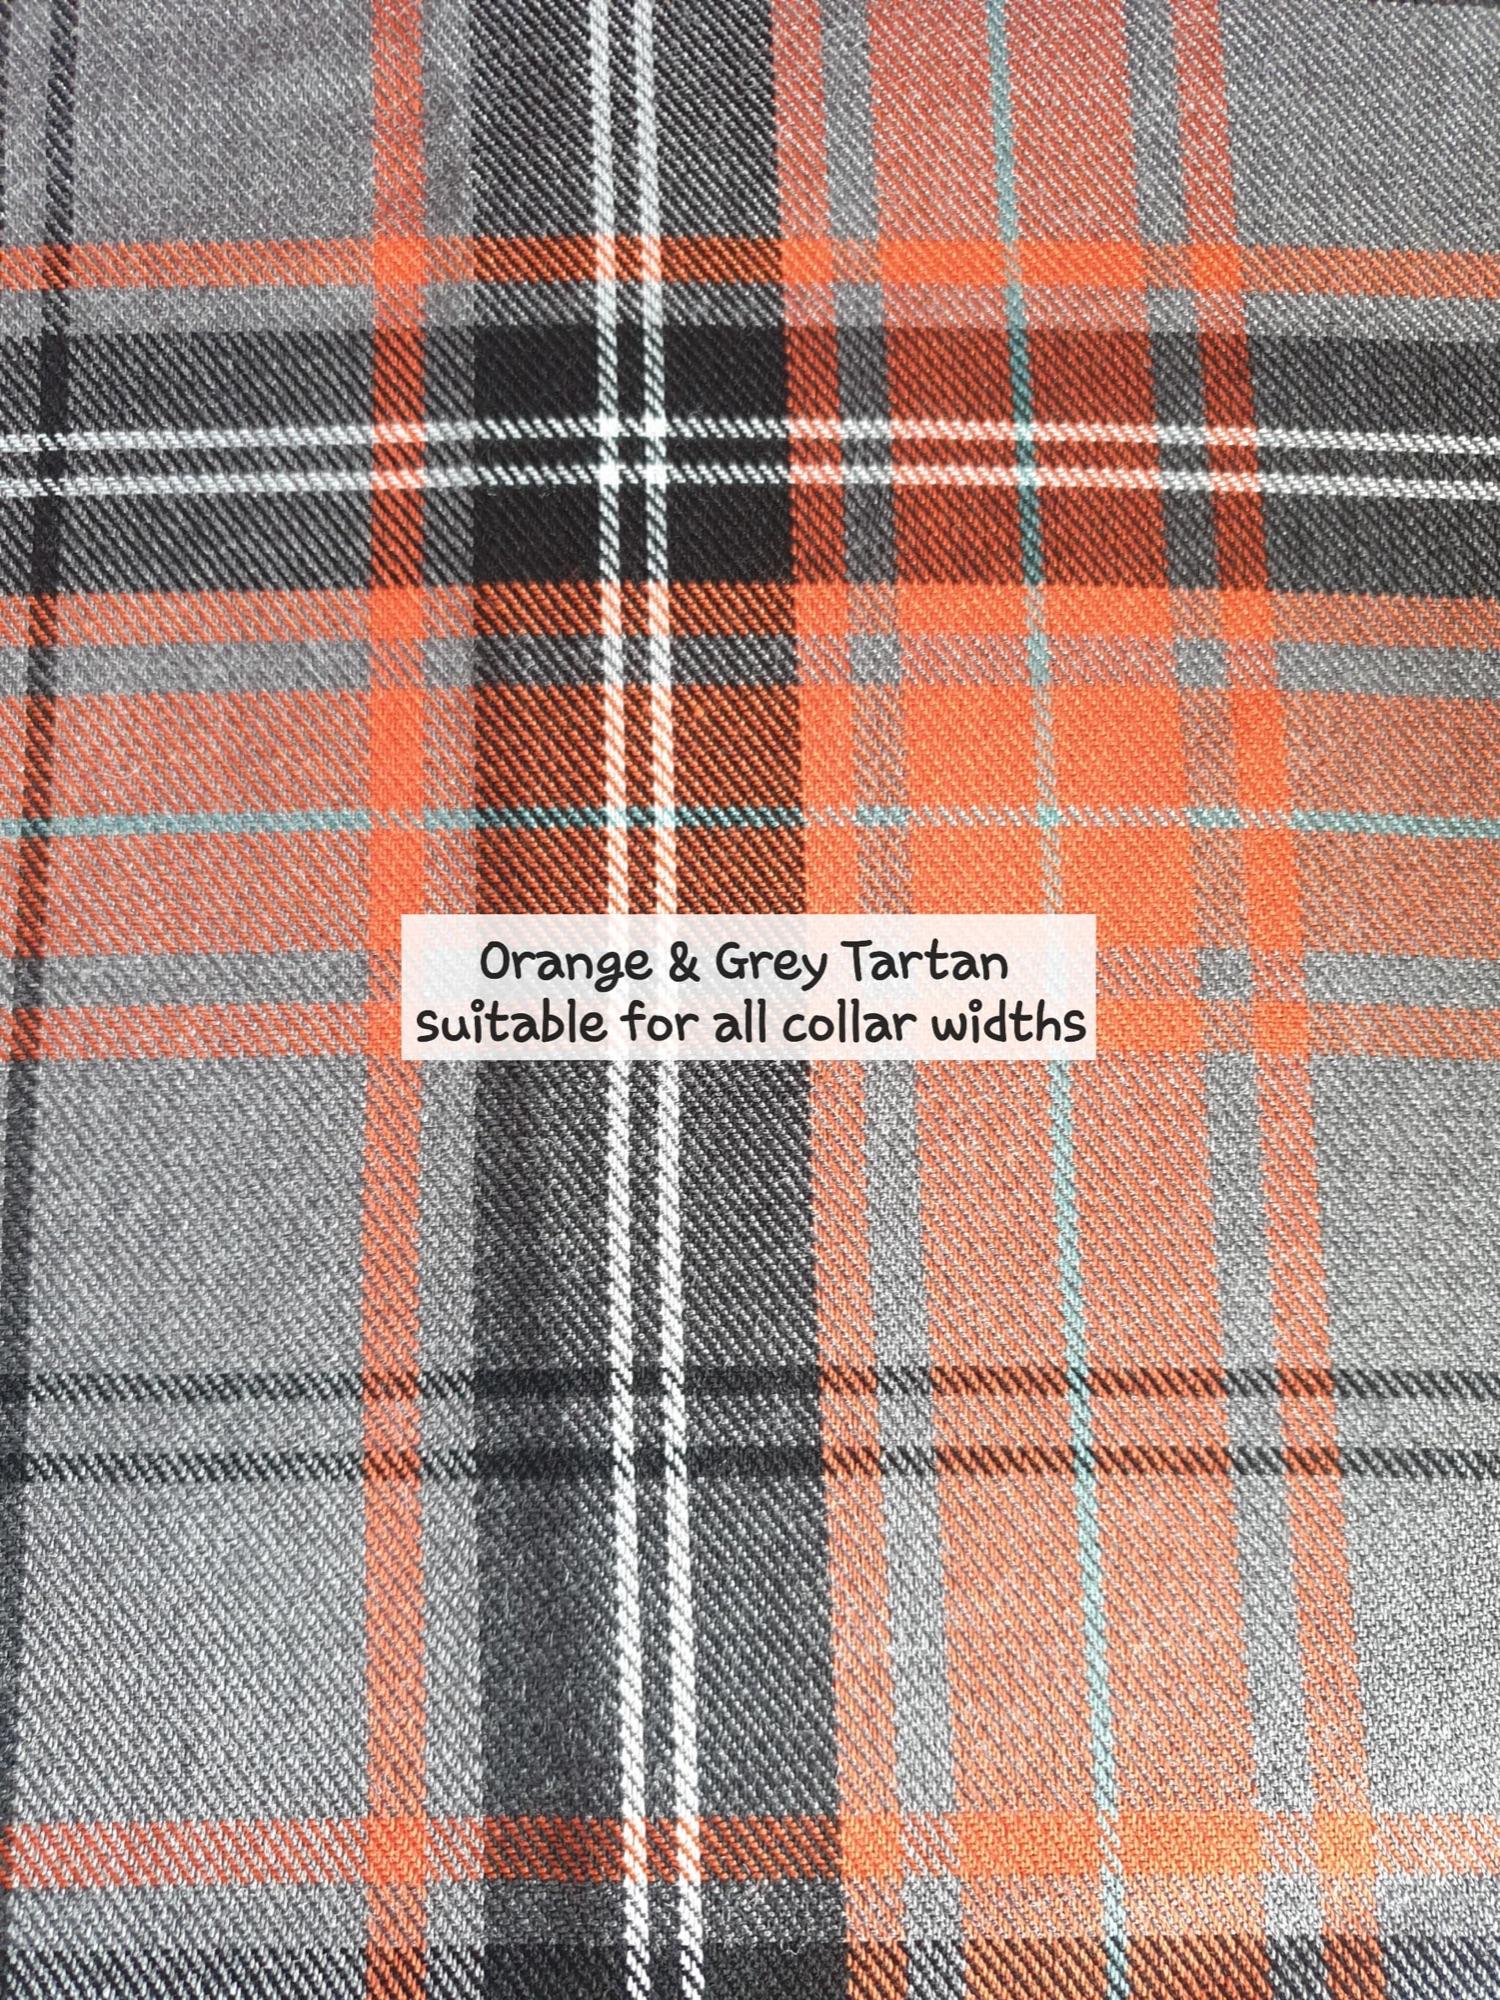 Orange & Grey Tartan